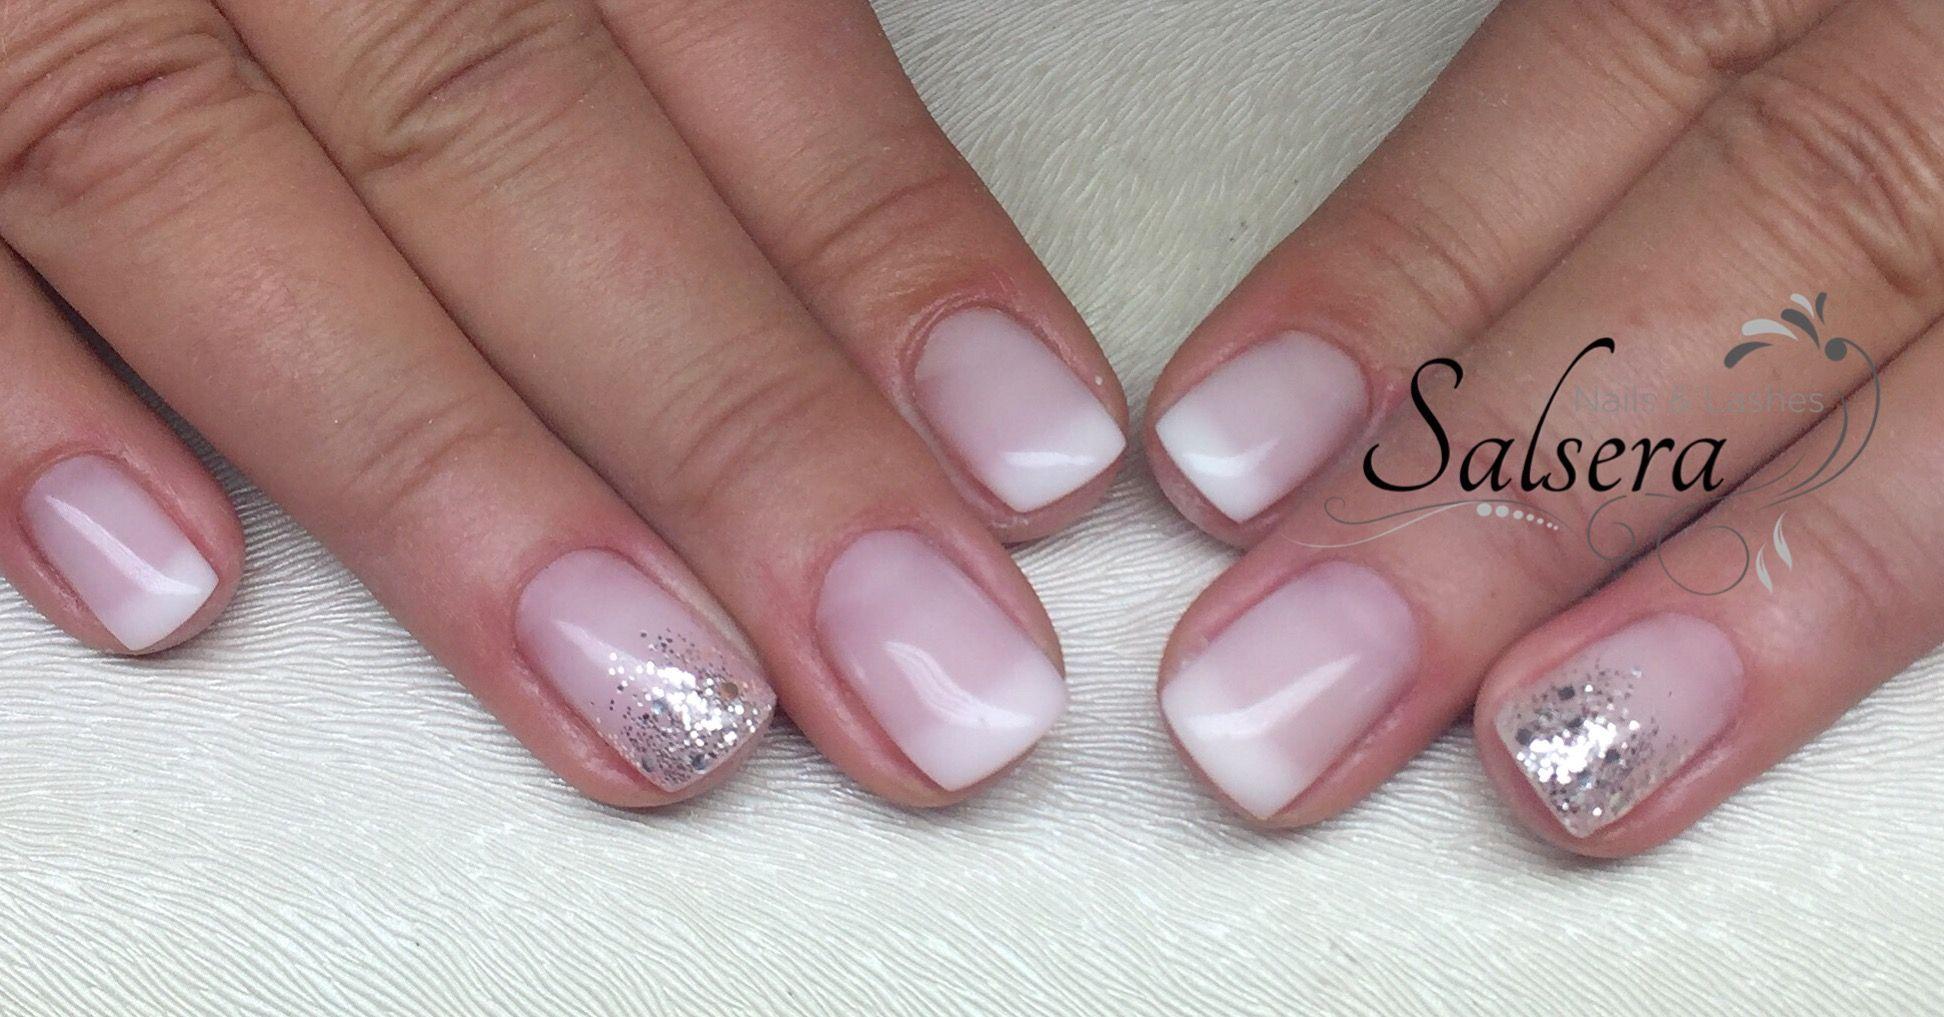 nails n gel nageldesign french ros milky silber glitzer shortnails salsera nails lashes. Black Bedroom Furniture Sets. Home Design Ideas